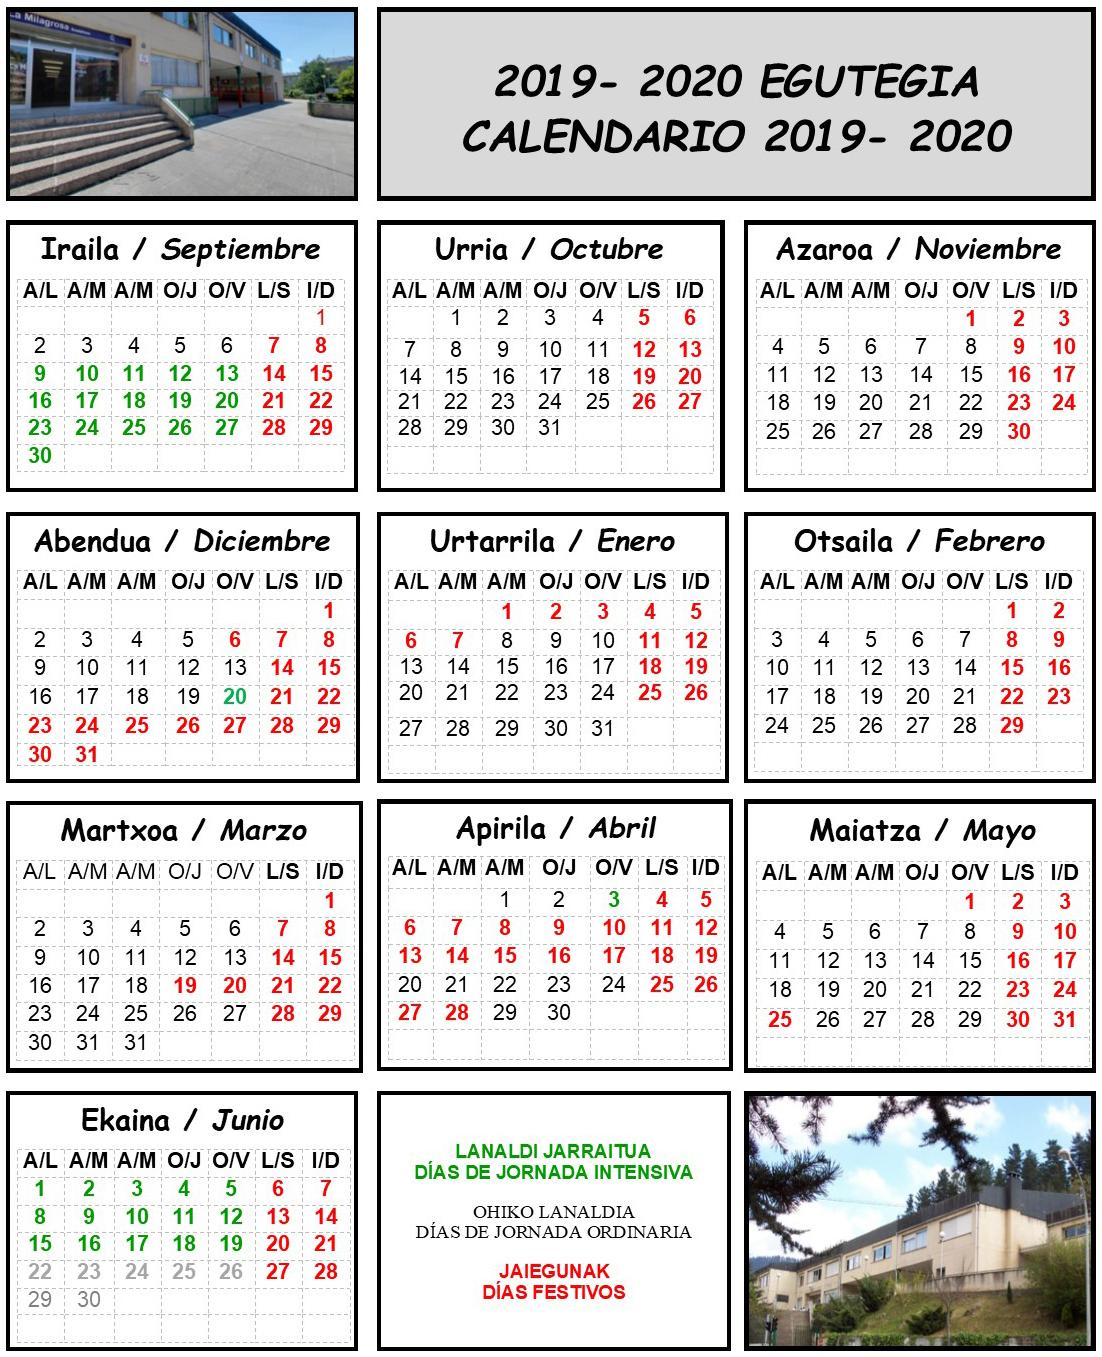 Calendario Loteria Nacional 2020.Calendario